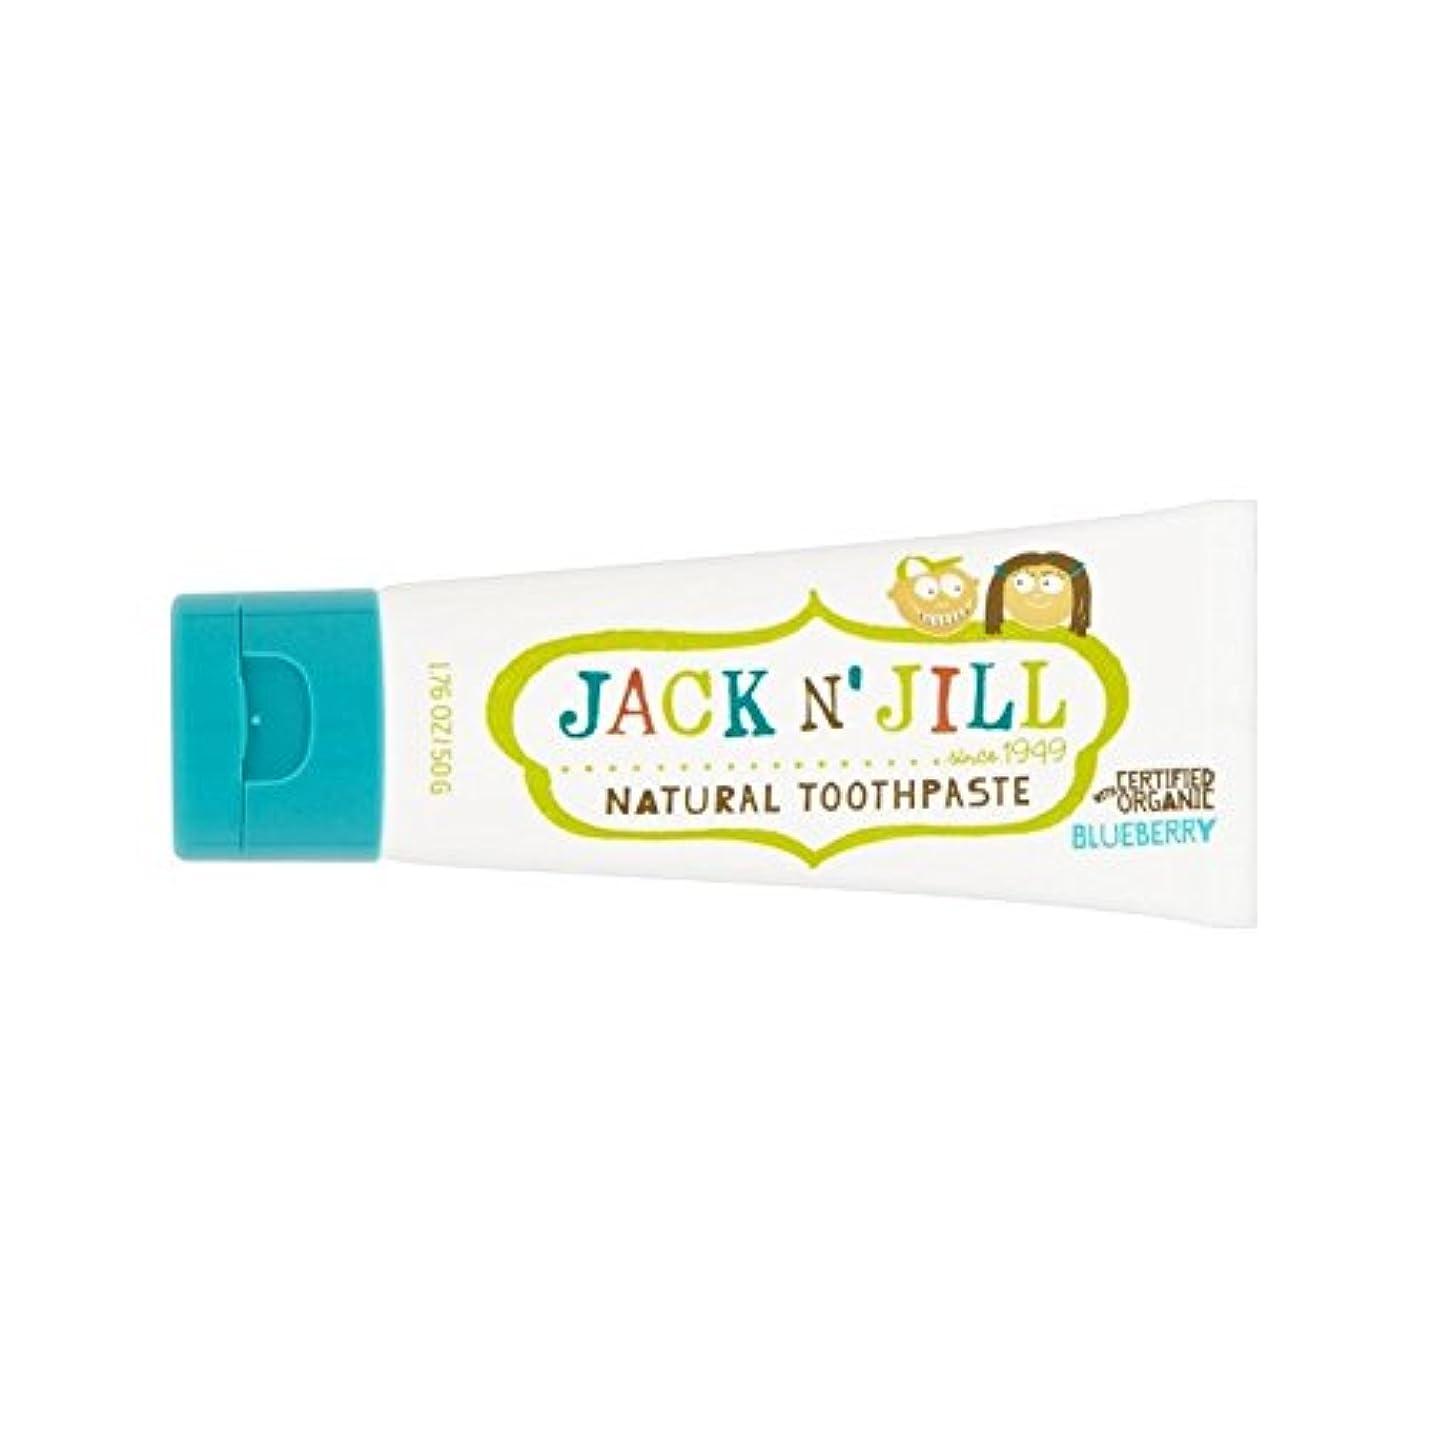 効能あるうぬぼれたオン有機香味50グラムとの自然なブルーベリー歯磨き粉 (Jack N Jill) - Jack N' Jill Blueberry Toothpaste Natural with Organic Flavouring 50g...